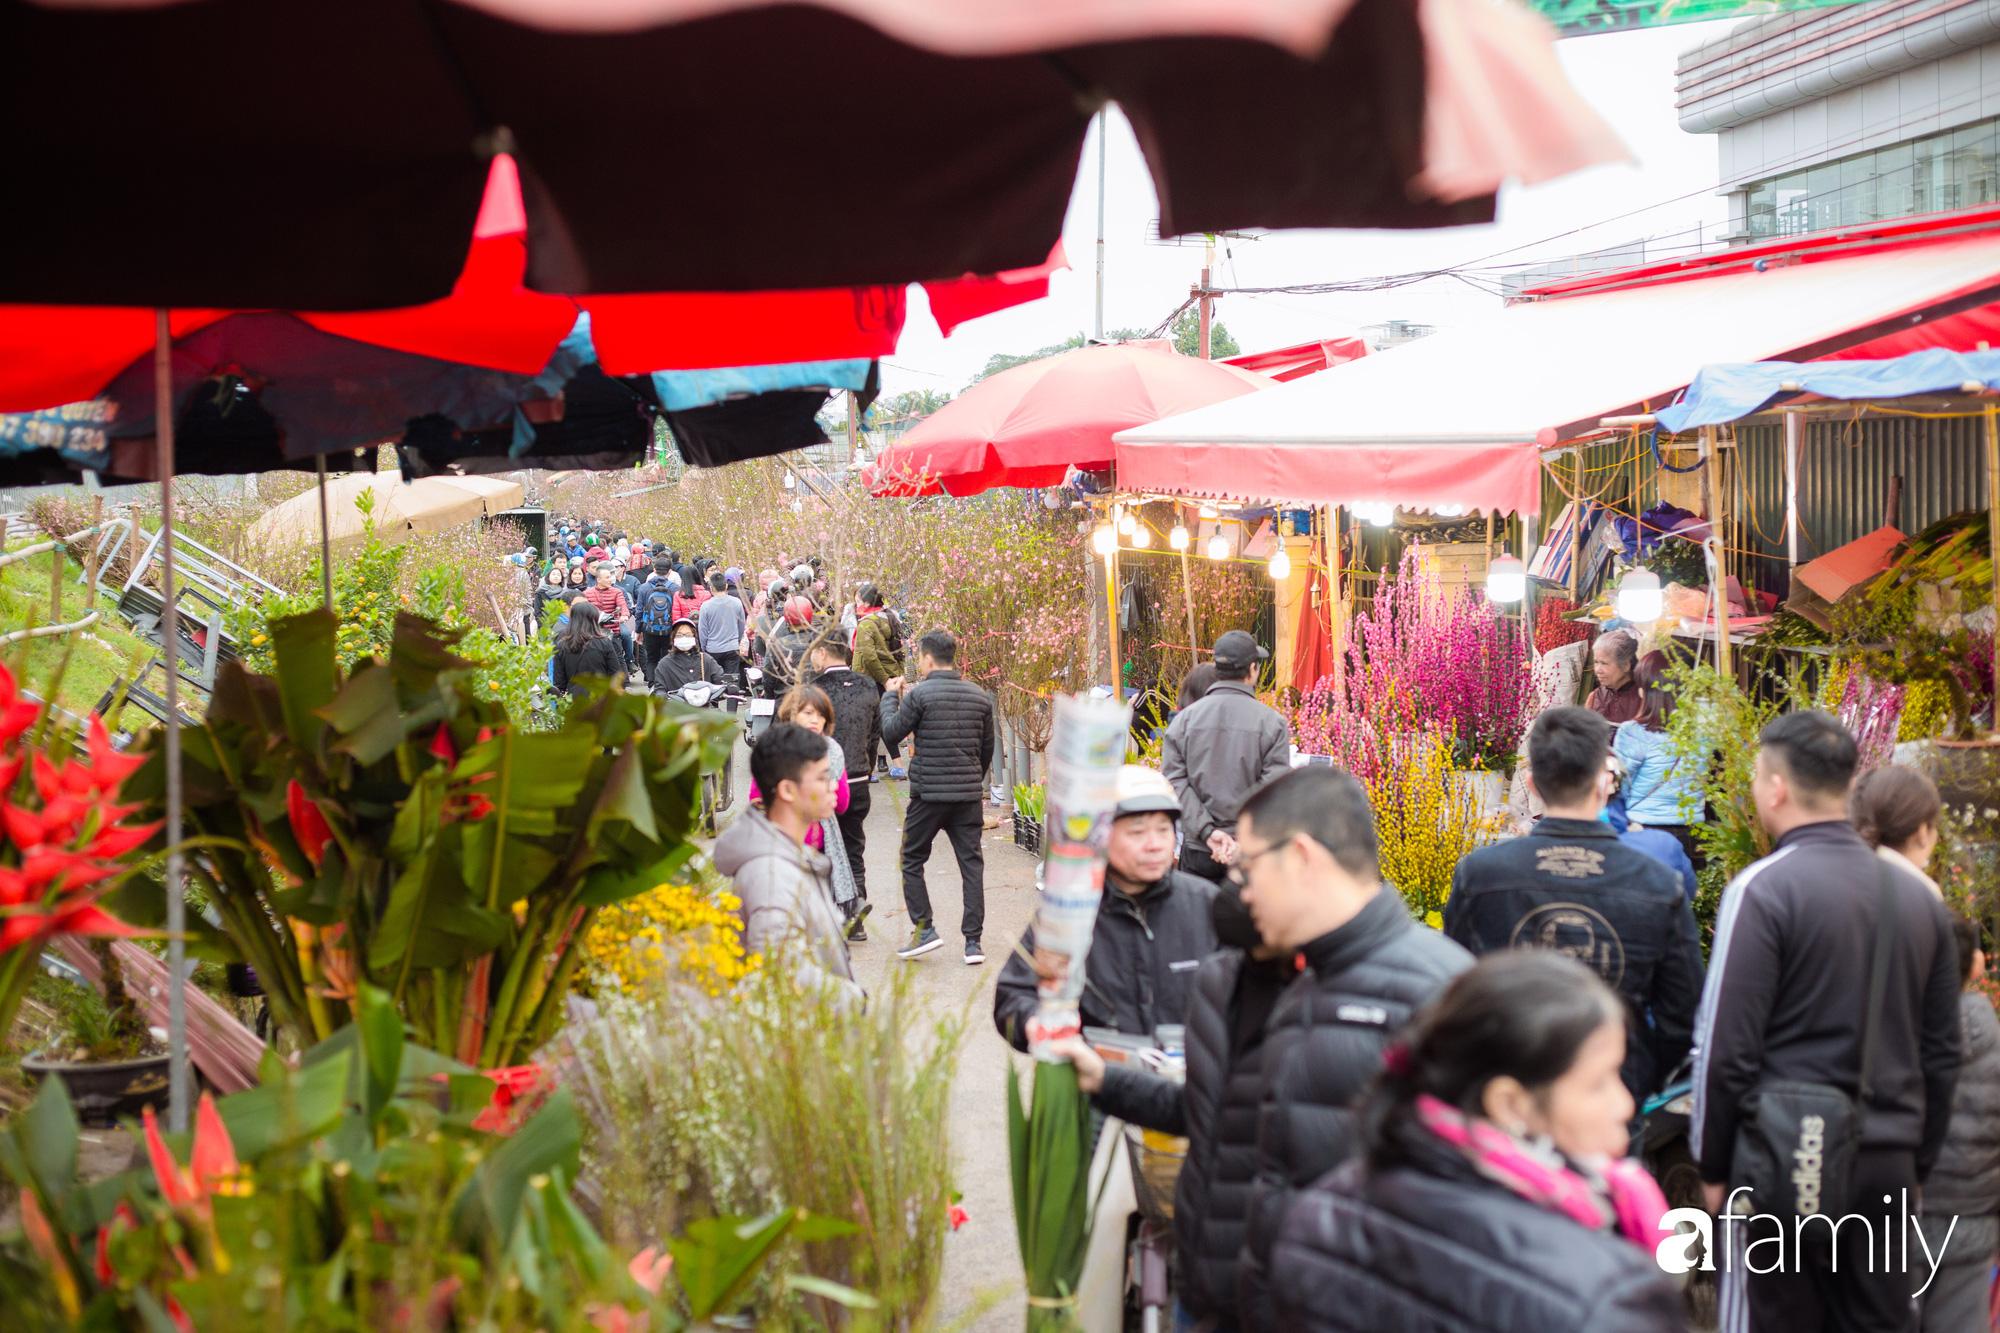 Những khoảnh khắc bình dị ngày cuối năm ở chợ hoa Quảng An, dù lạnh thấu xương nhưng người Hà Nội vẫn nô nức sắm hoa chơi Tết - Ảnh 14.